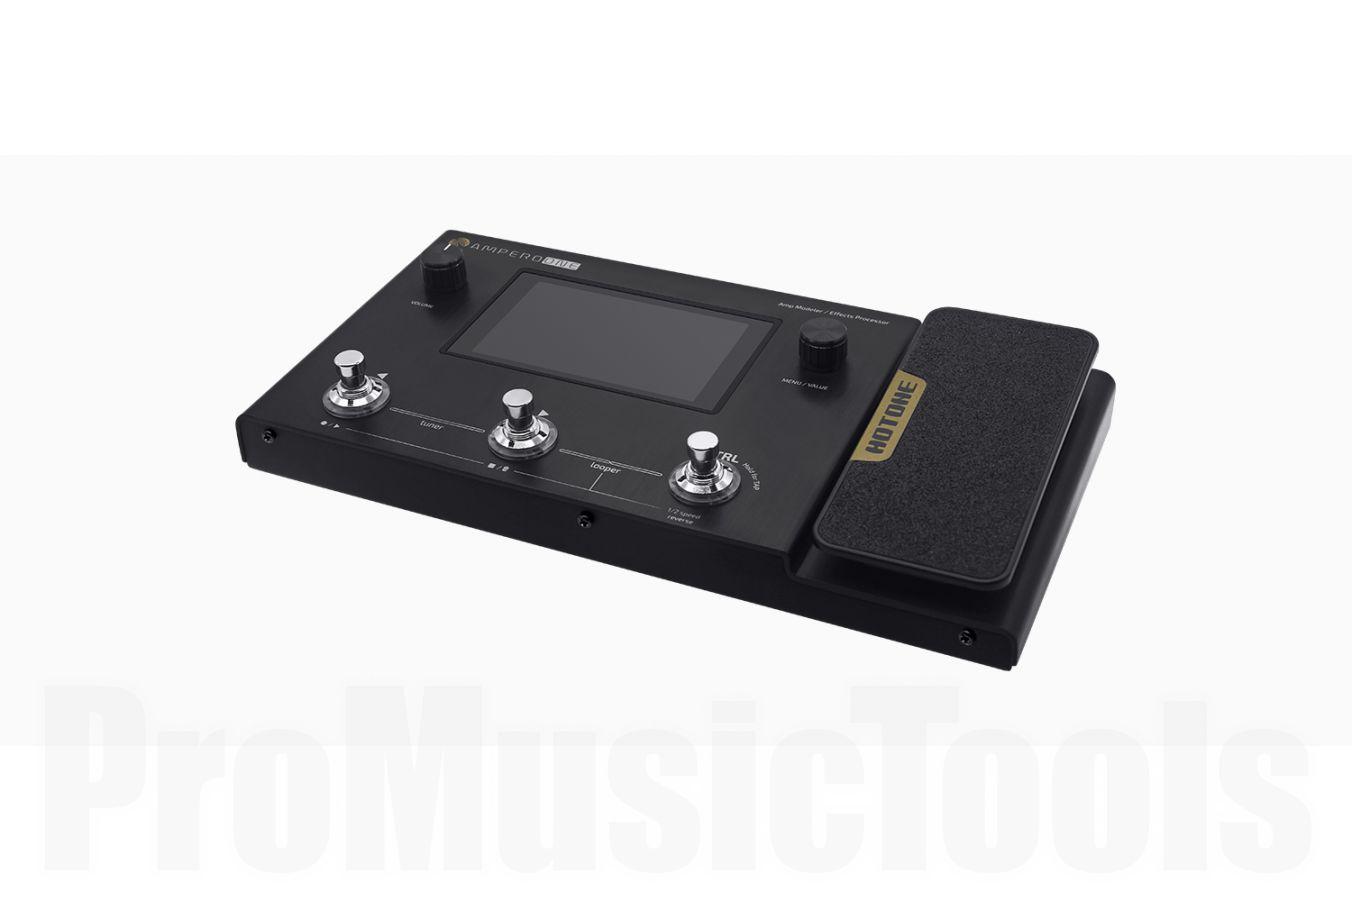 Hotone MP-80 Ampero One